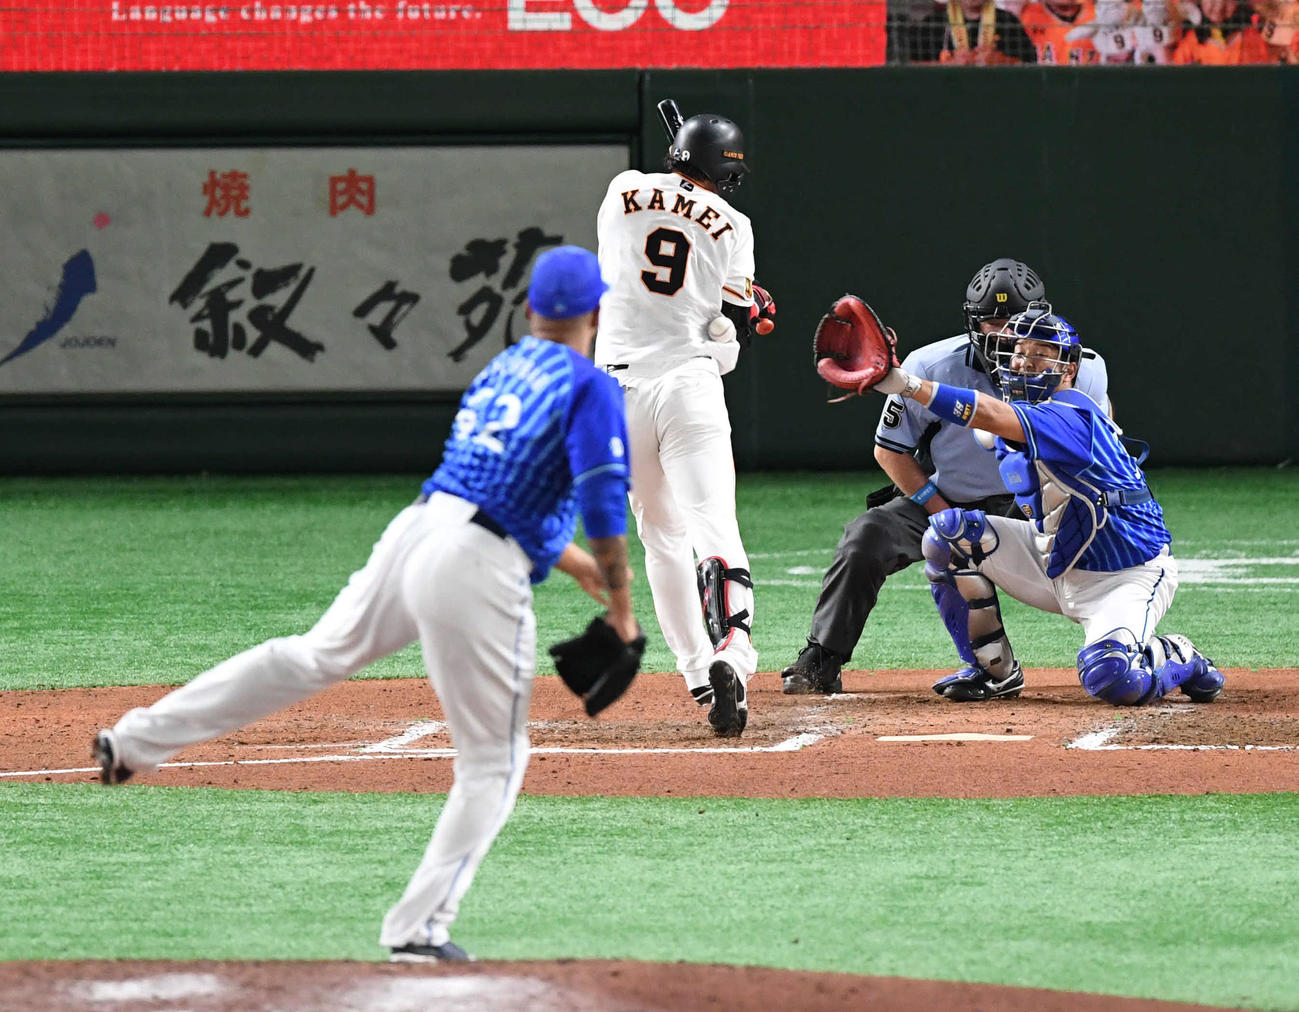 巨人対DeNA 6回裏巨人無死、亀井は死球を食らう。投手エスコバー(撮影・山崎安昭)